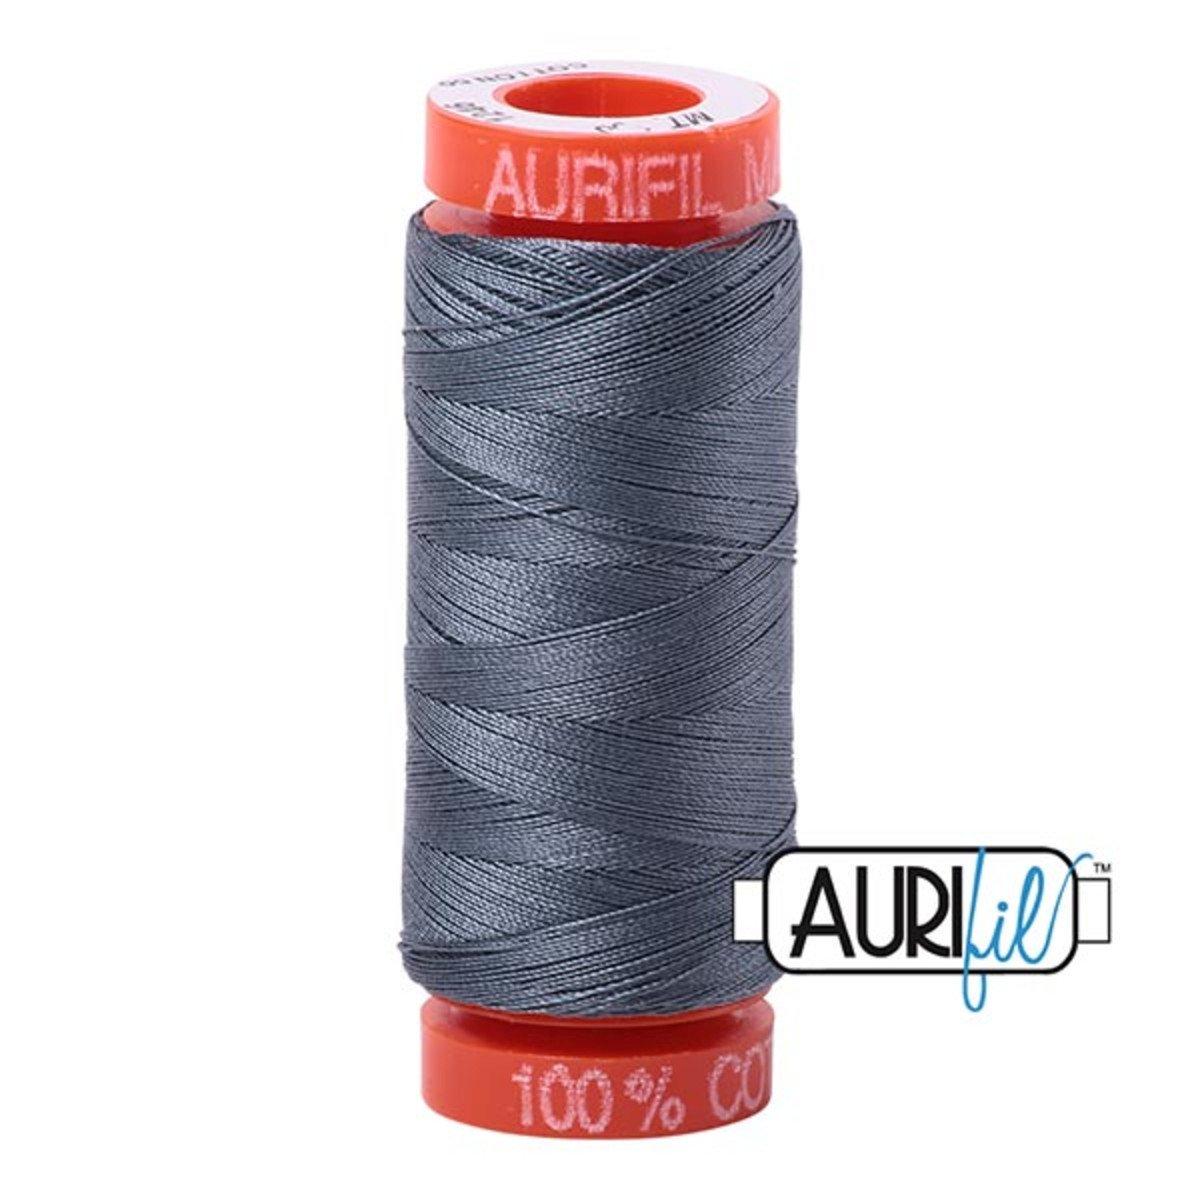 Aurifil Cotton 1246 Dark Grey 50wt 220 yds